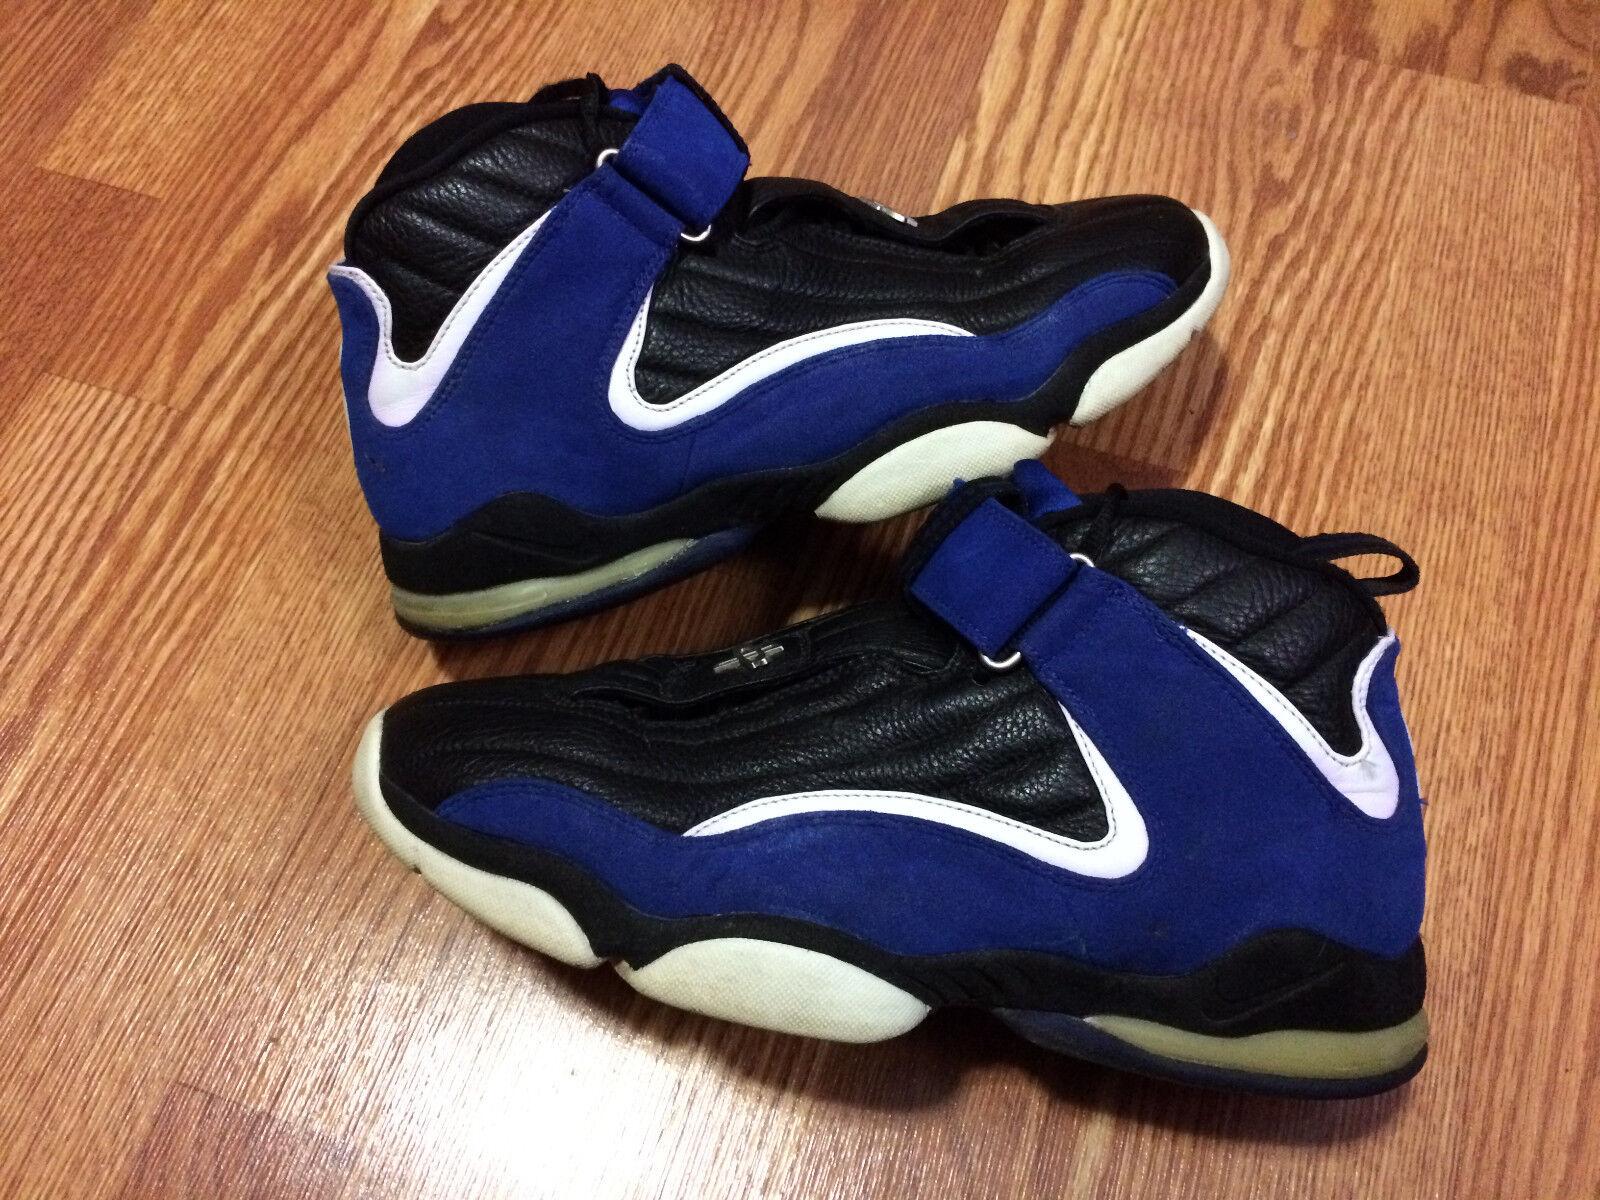 Nike air max penny 4 schwarz, blau verwendet - weiße sz 12 verwendet blau foamposite schaumstoffe 1 2 3 5de49c